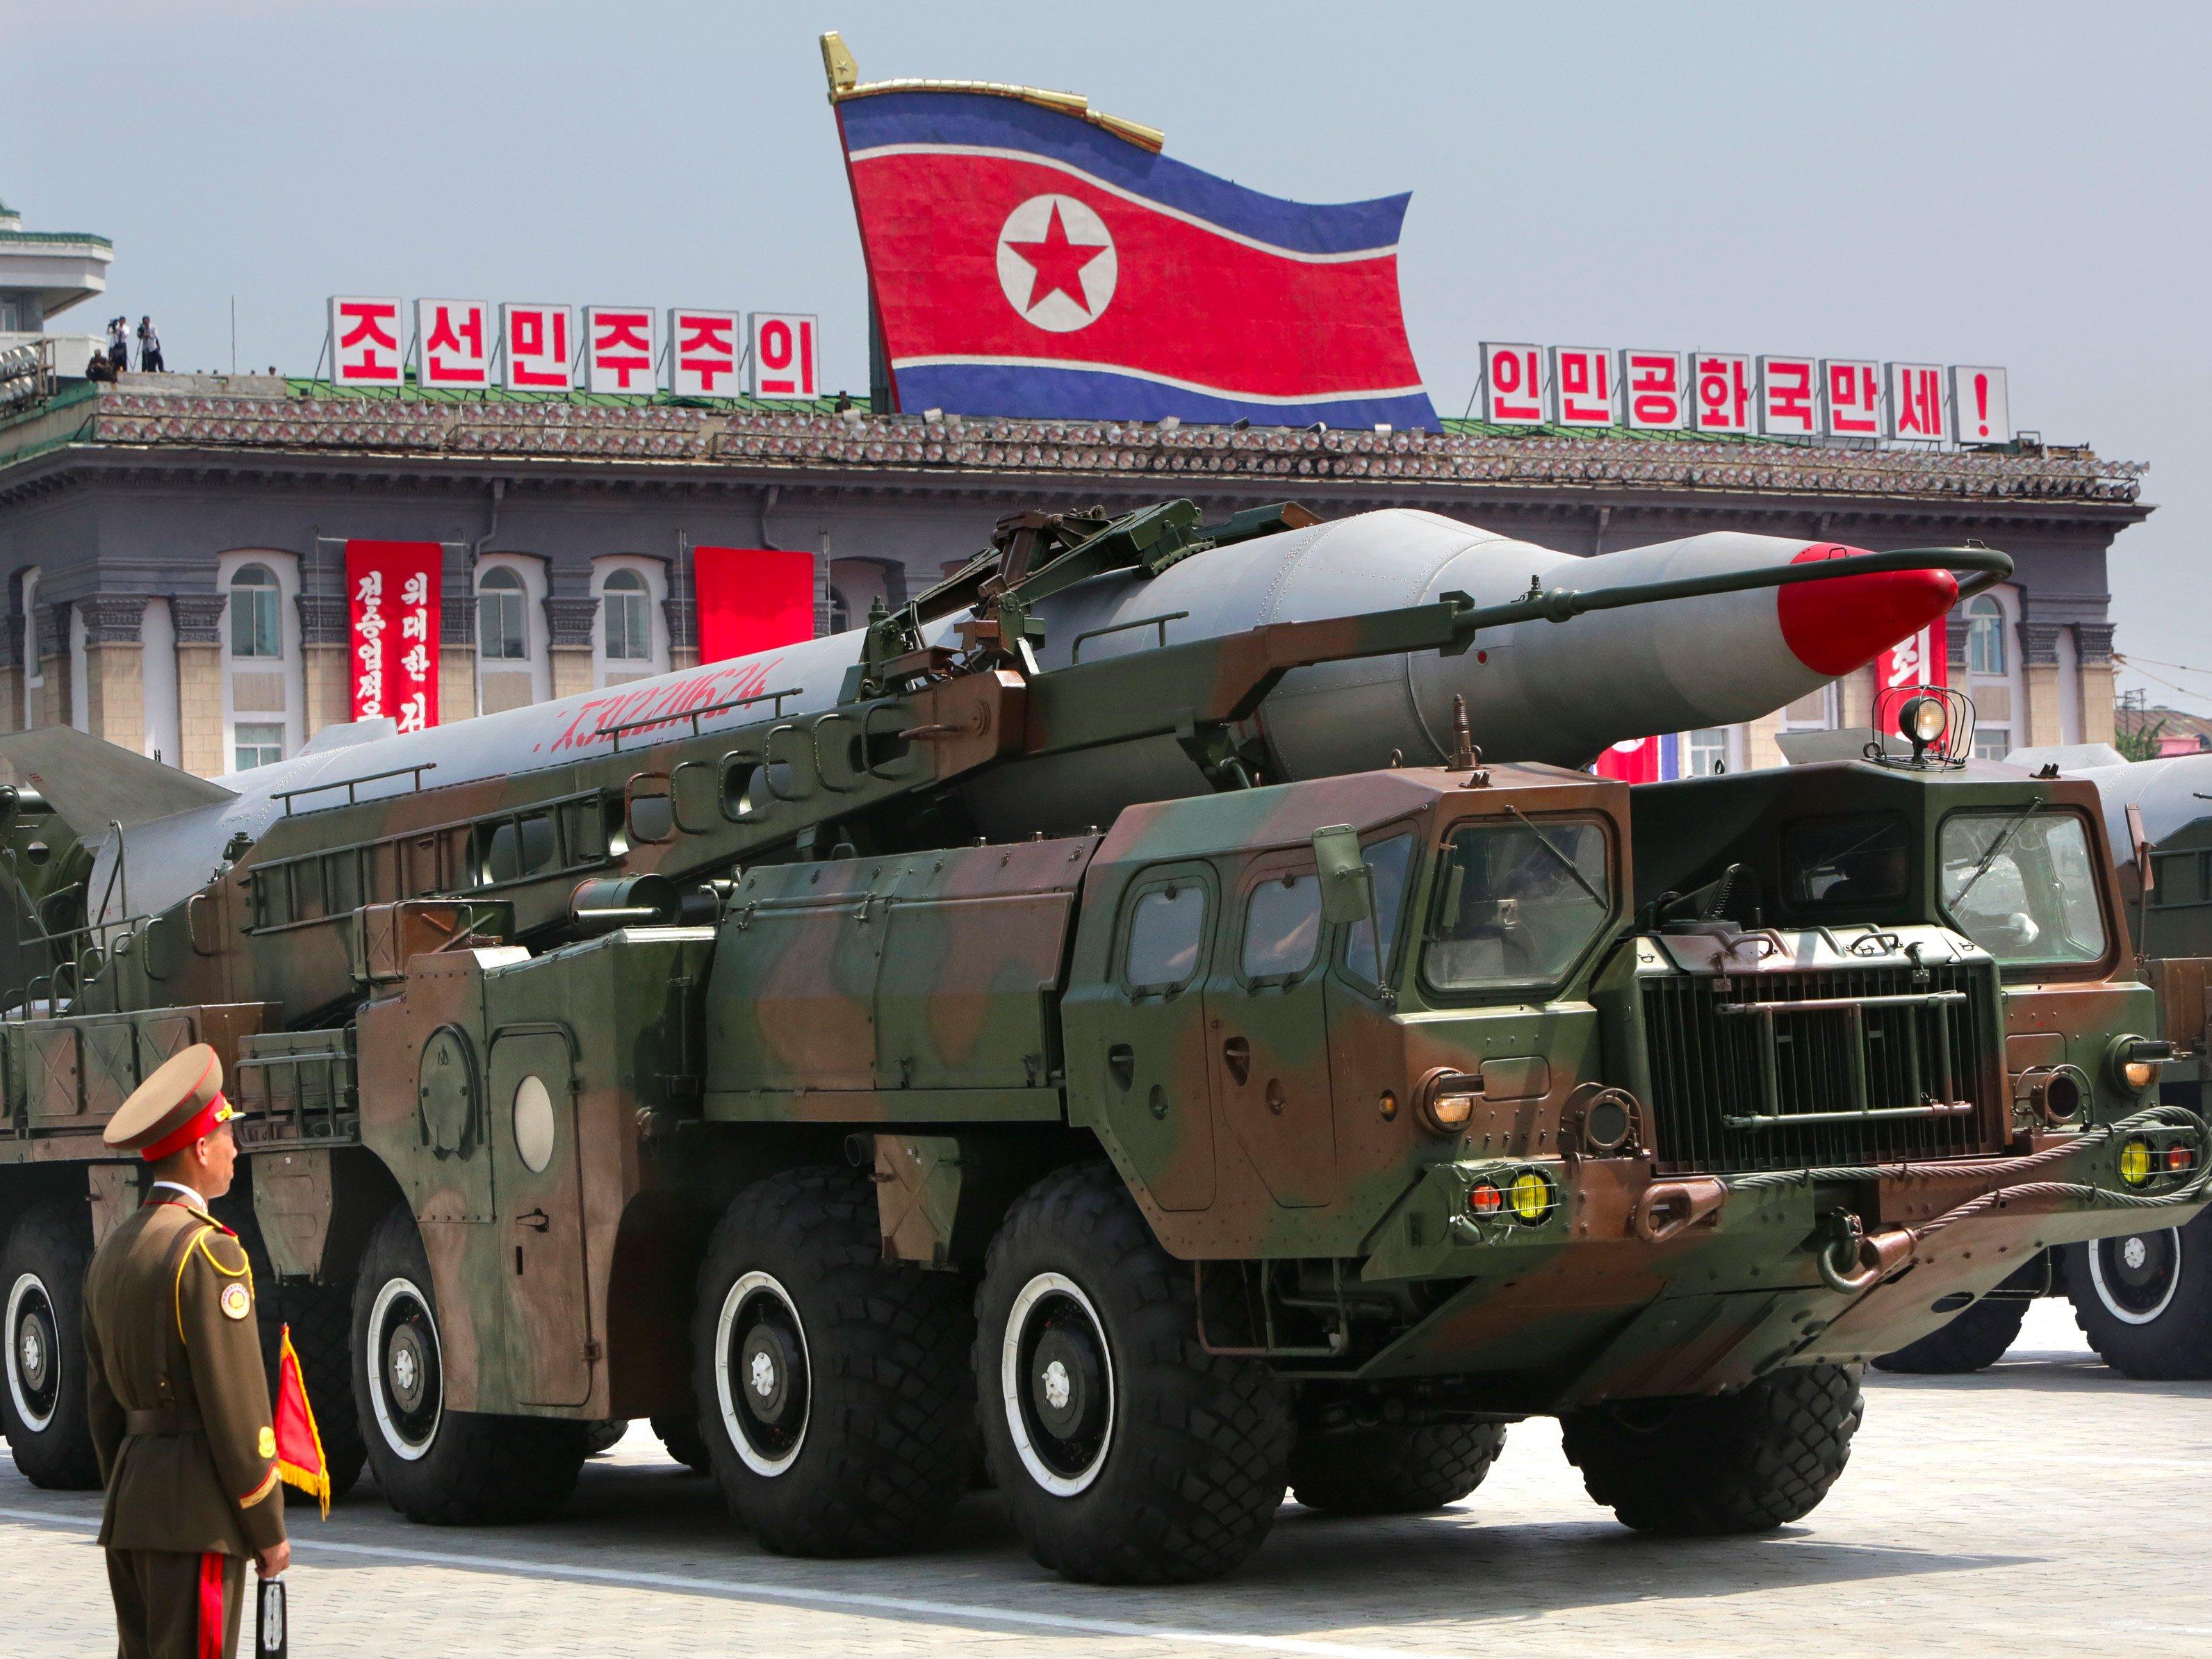 صورة لأسلحة كوريا الشمالية النووية